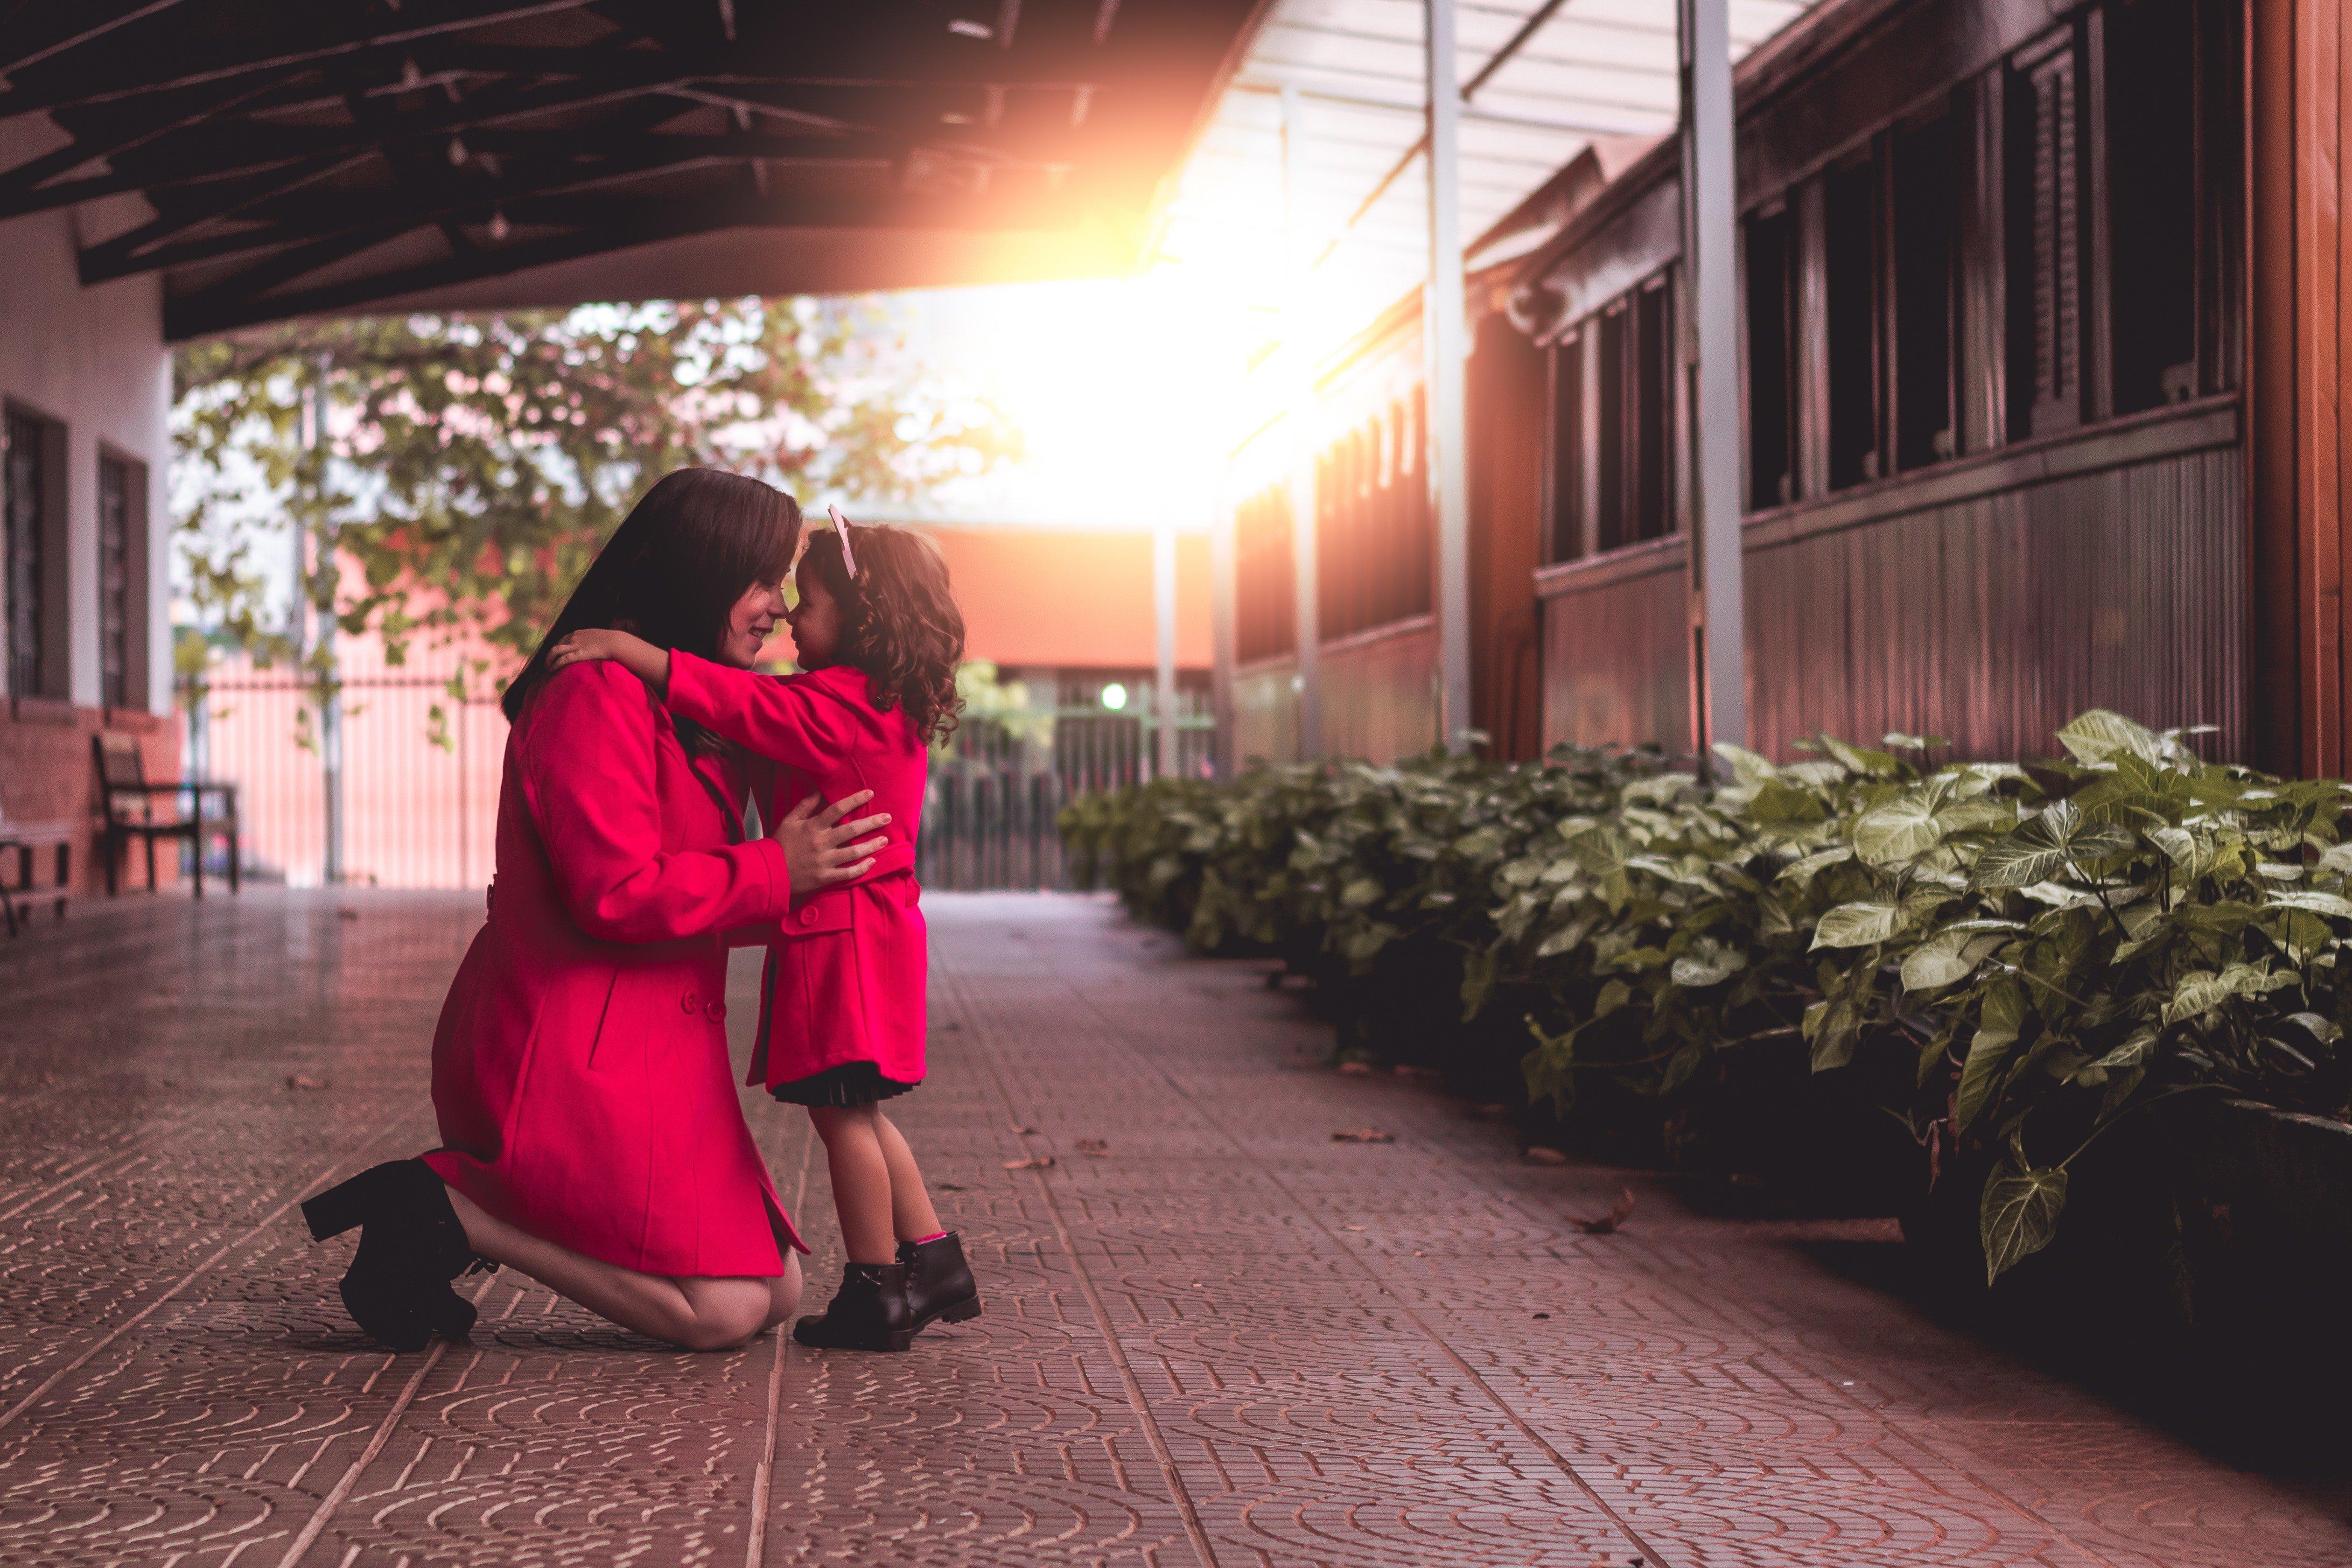 Costruire e mantenere una relazione sana tra madre e figlia